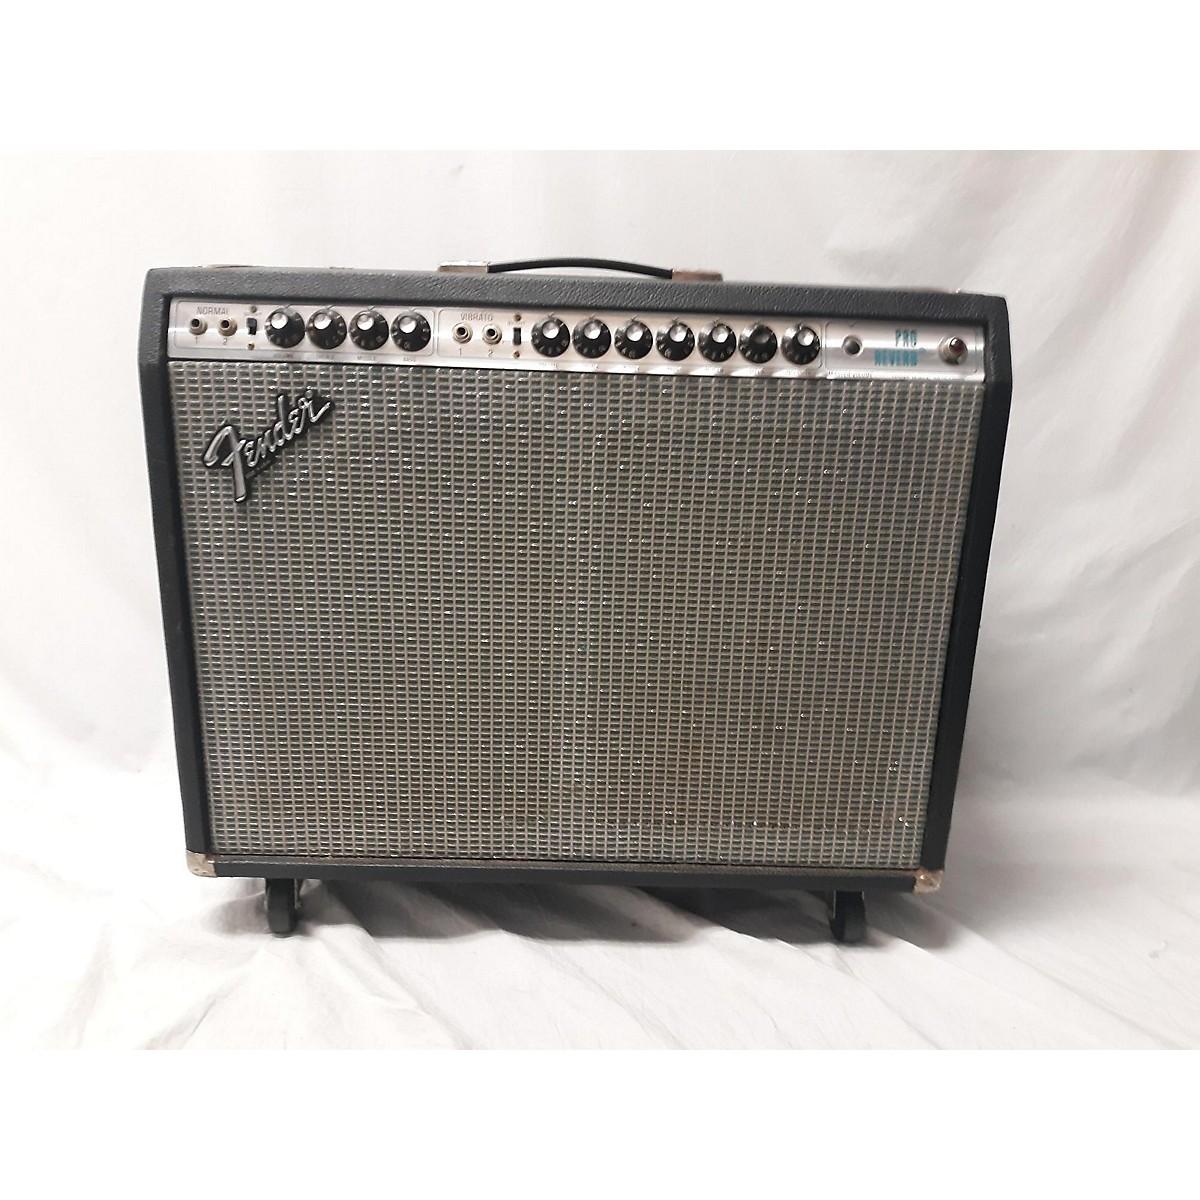 Fender 1981 Pro Reberb Tube Guitar Combo Amp